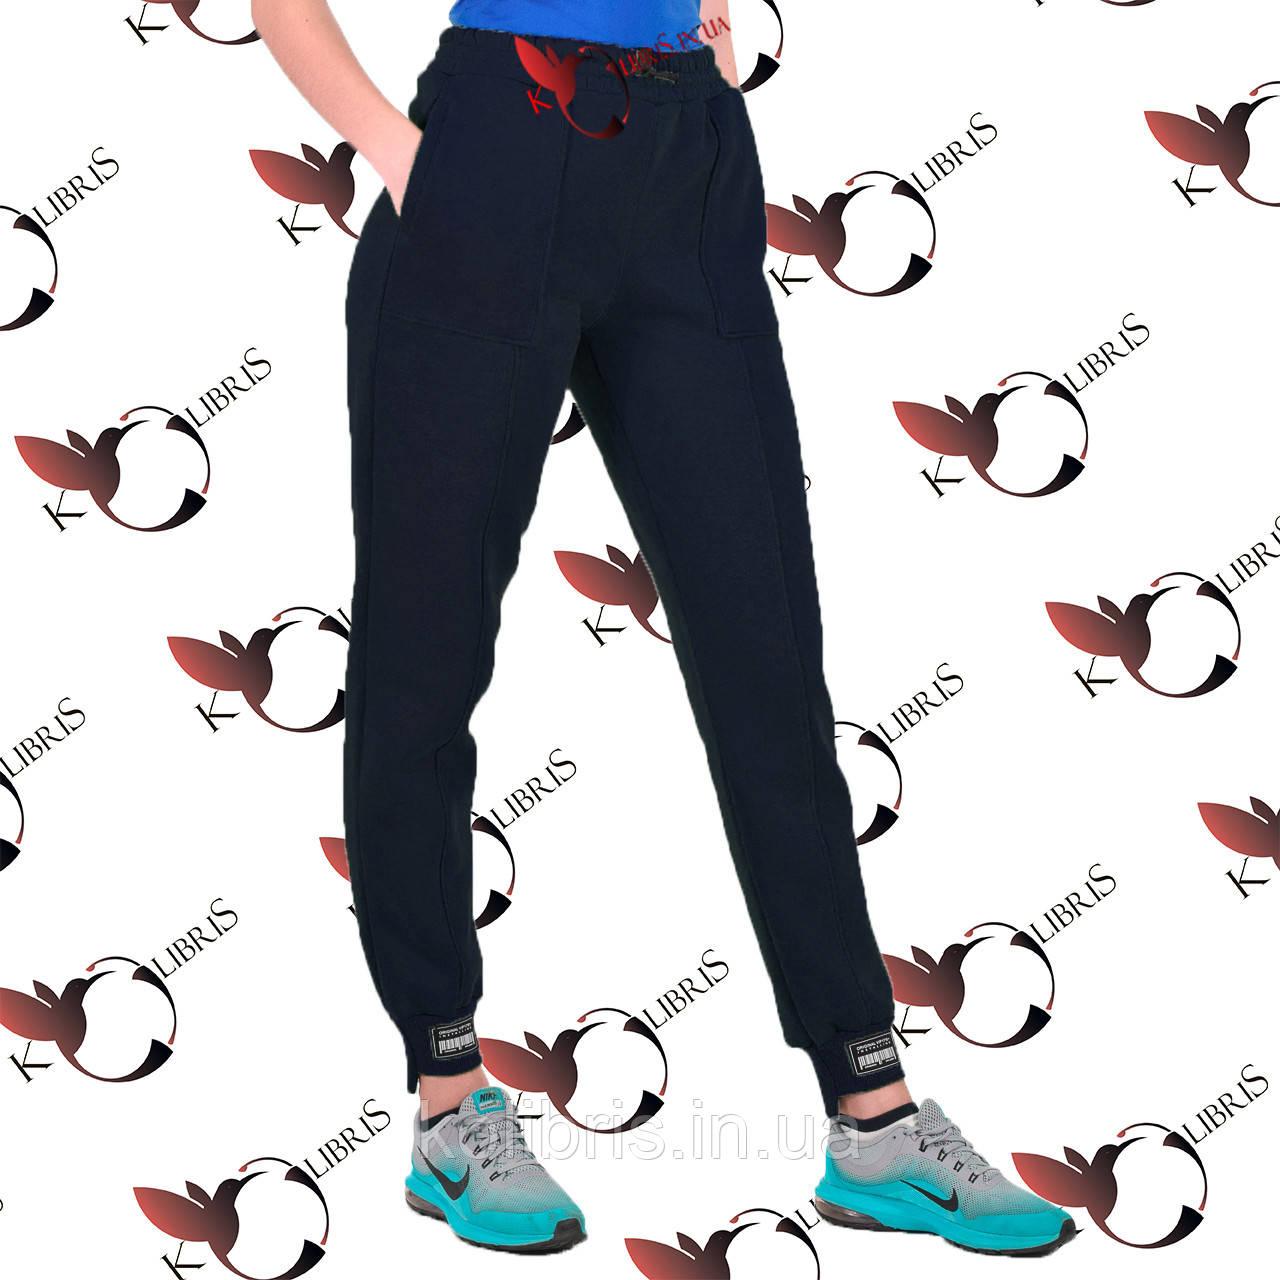 Женские спортивные штанишки на ассиметричном манжете трехнитка с начесом цвет синий